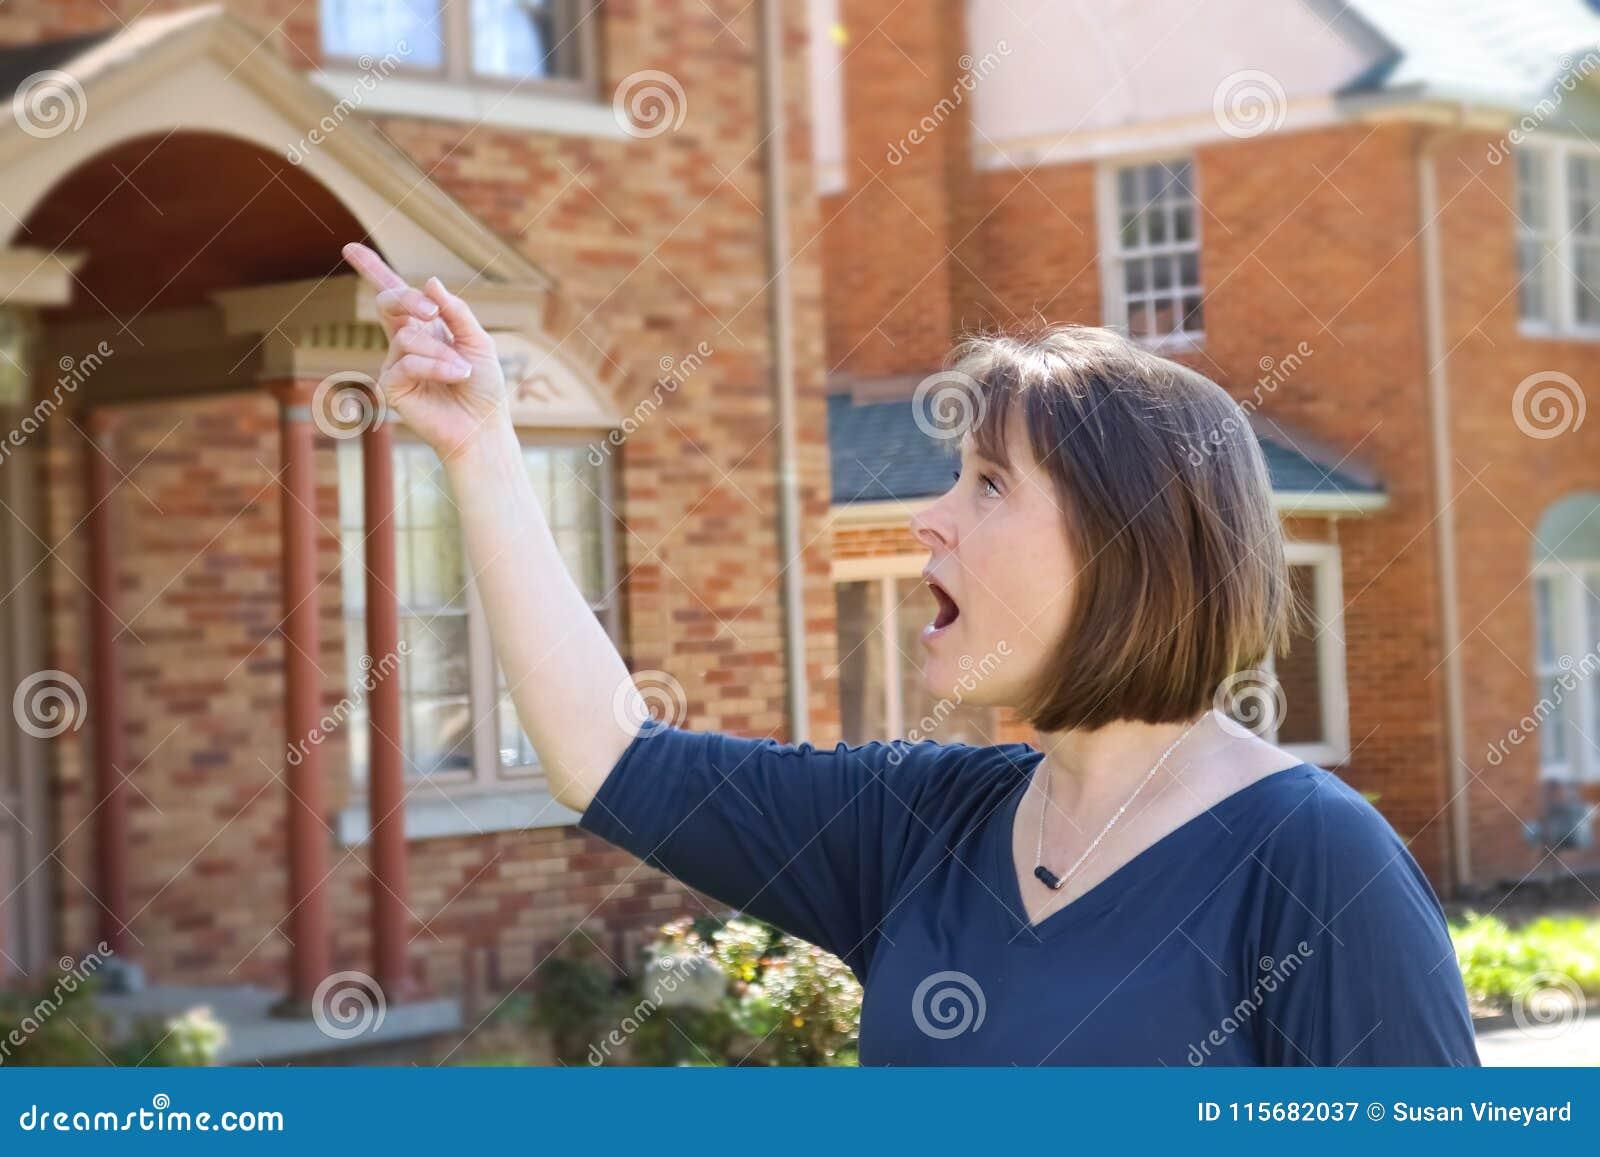 Женщина с короткими волосами перед запачканным кирпичом расквартировывает пункты и смотрит удивленной